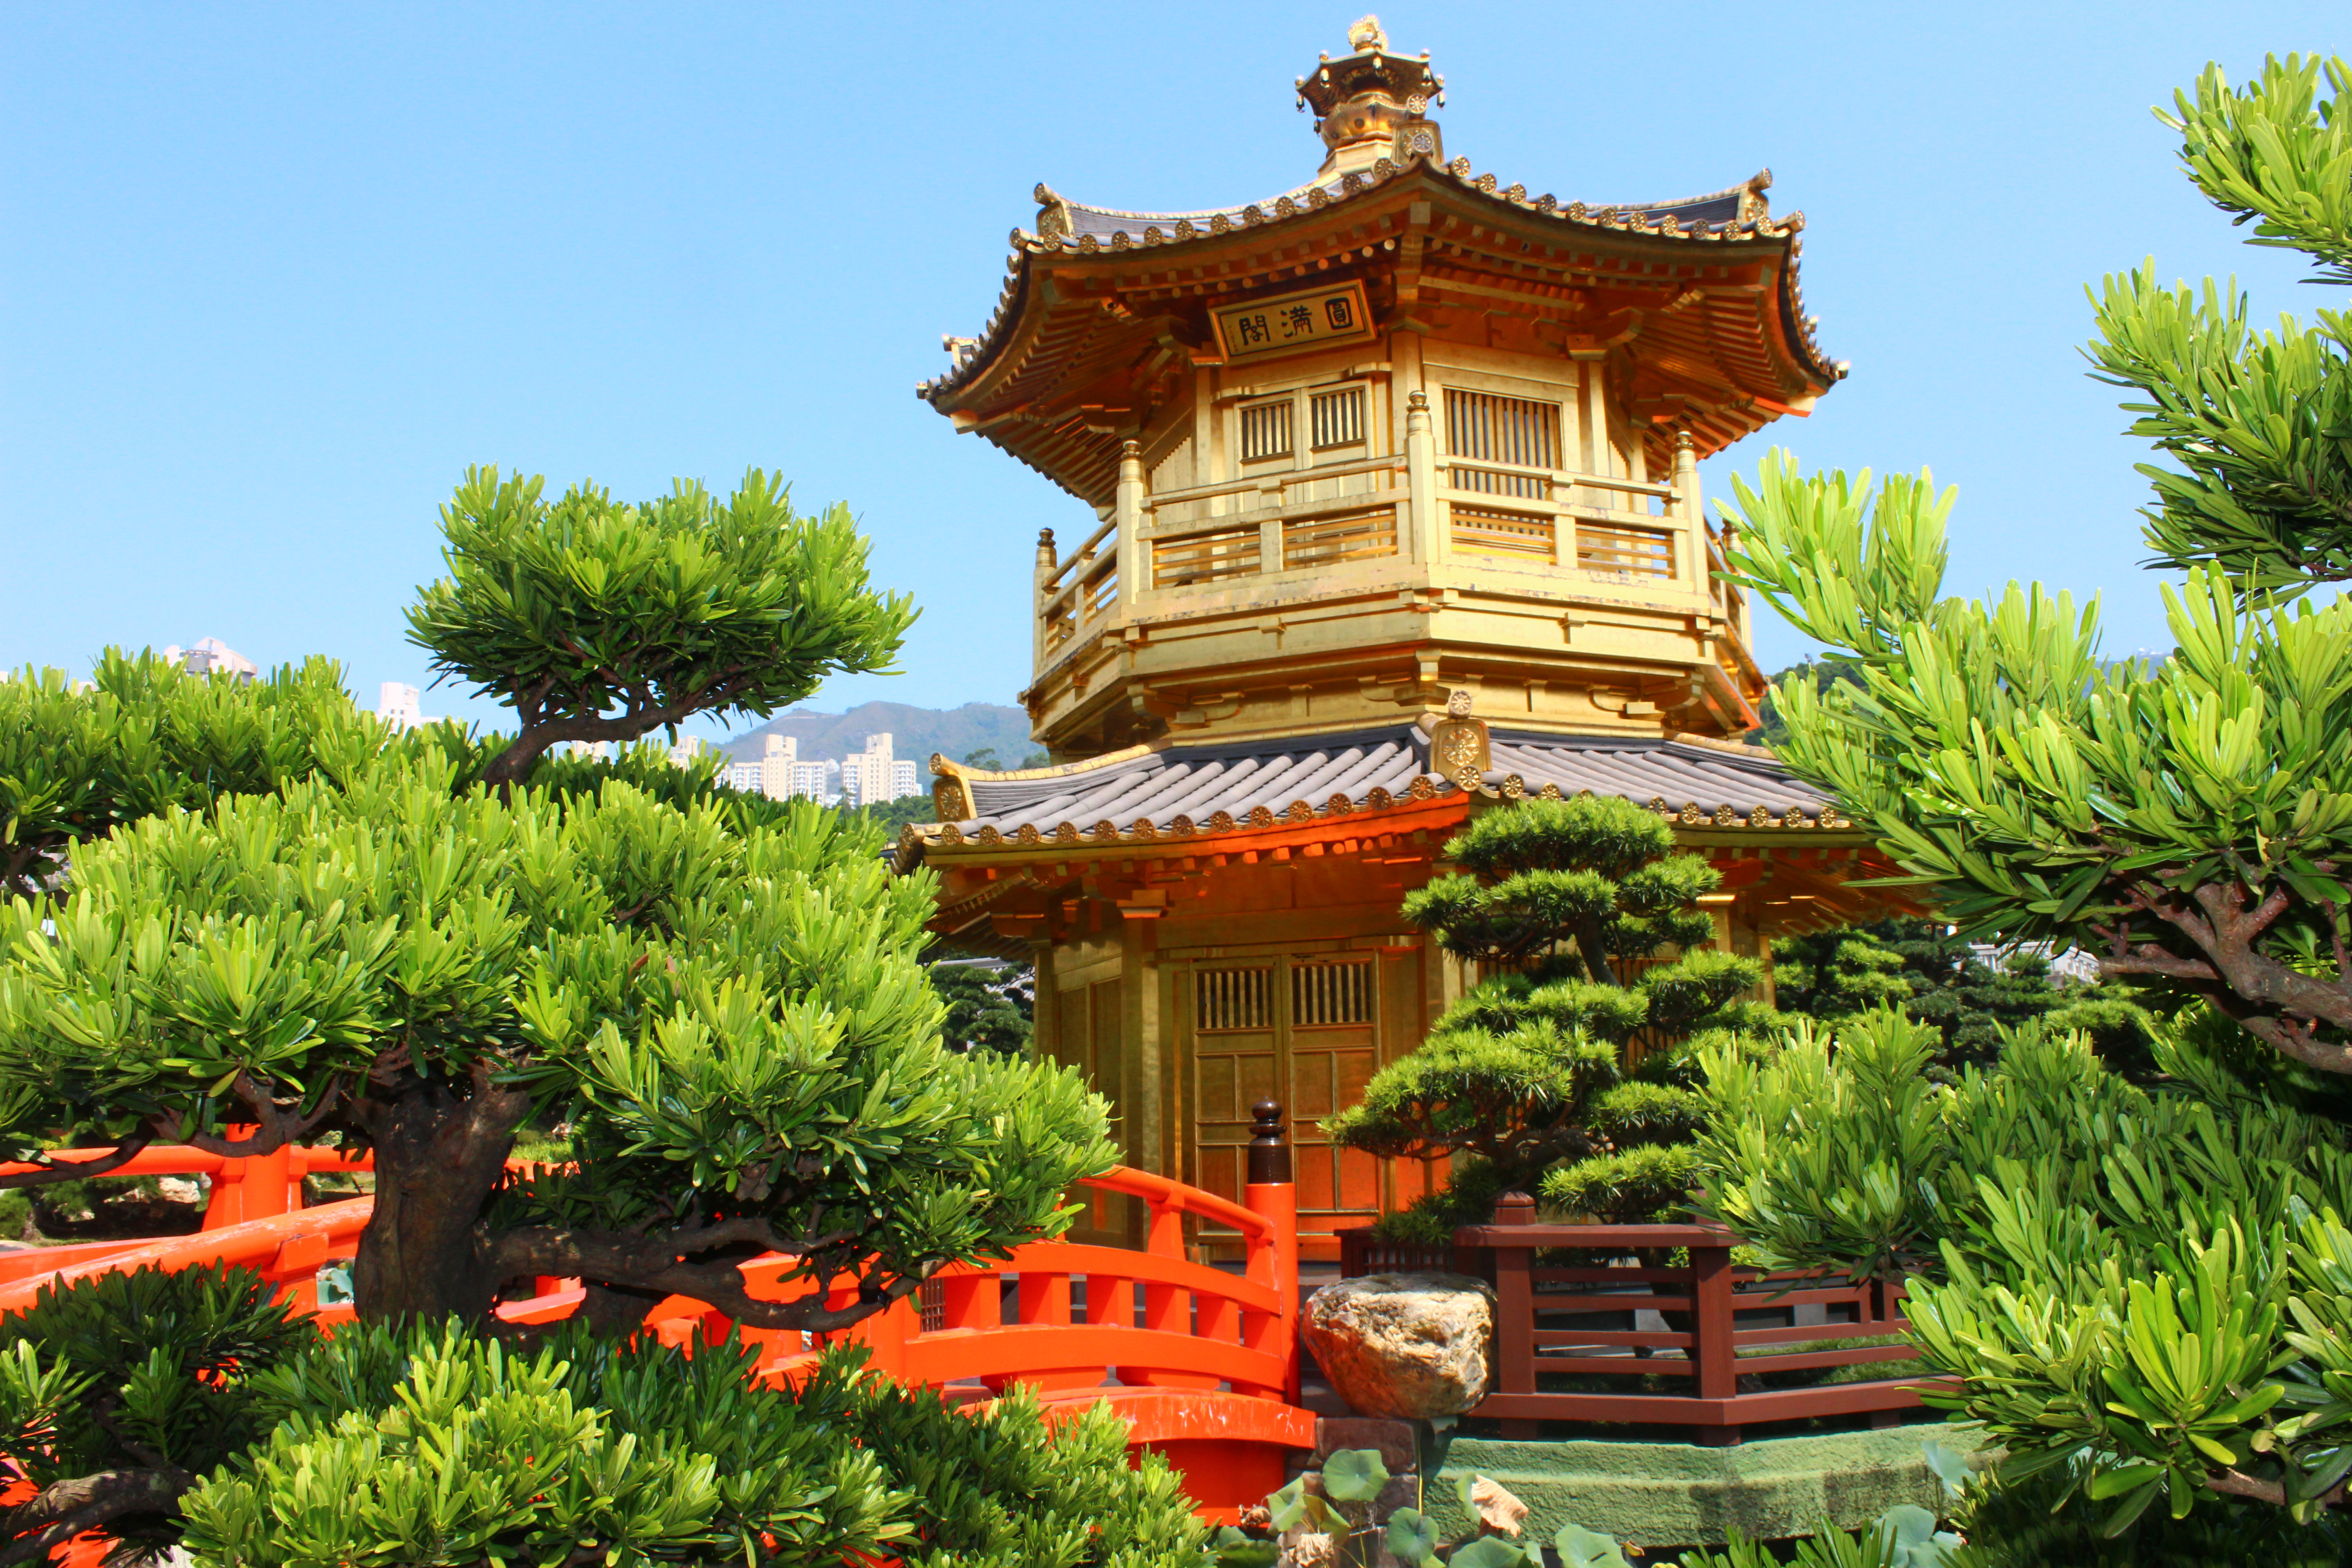 img_1903 - Nan Lian Garden